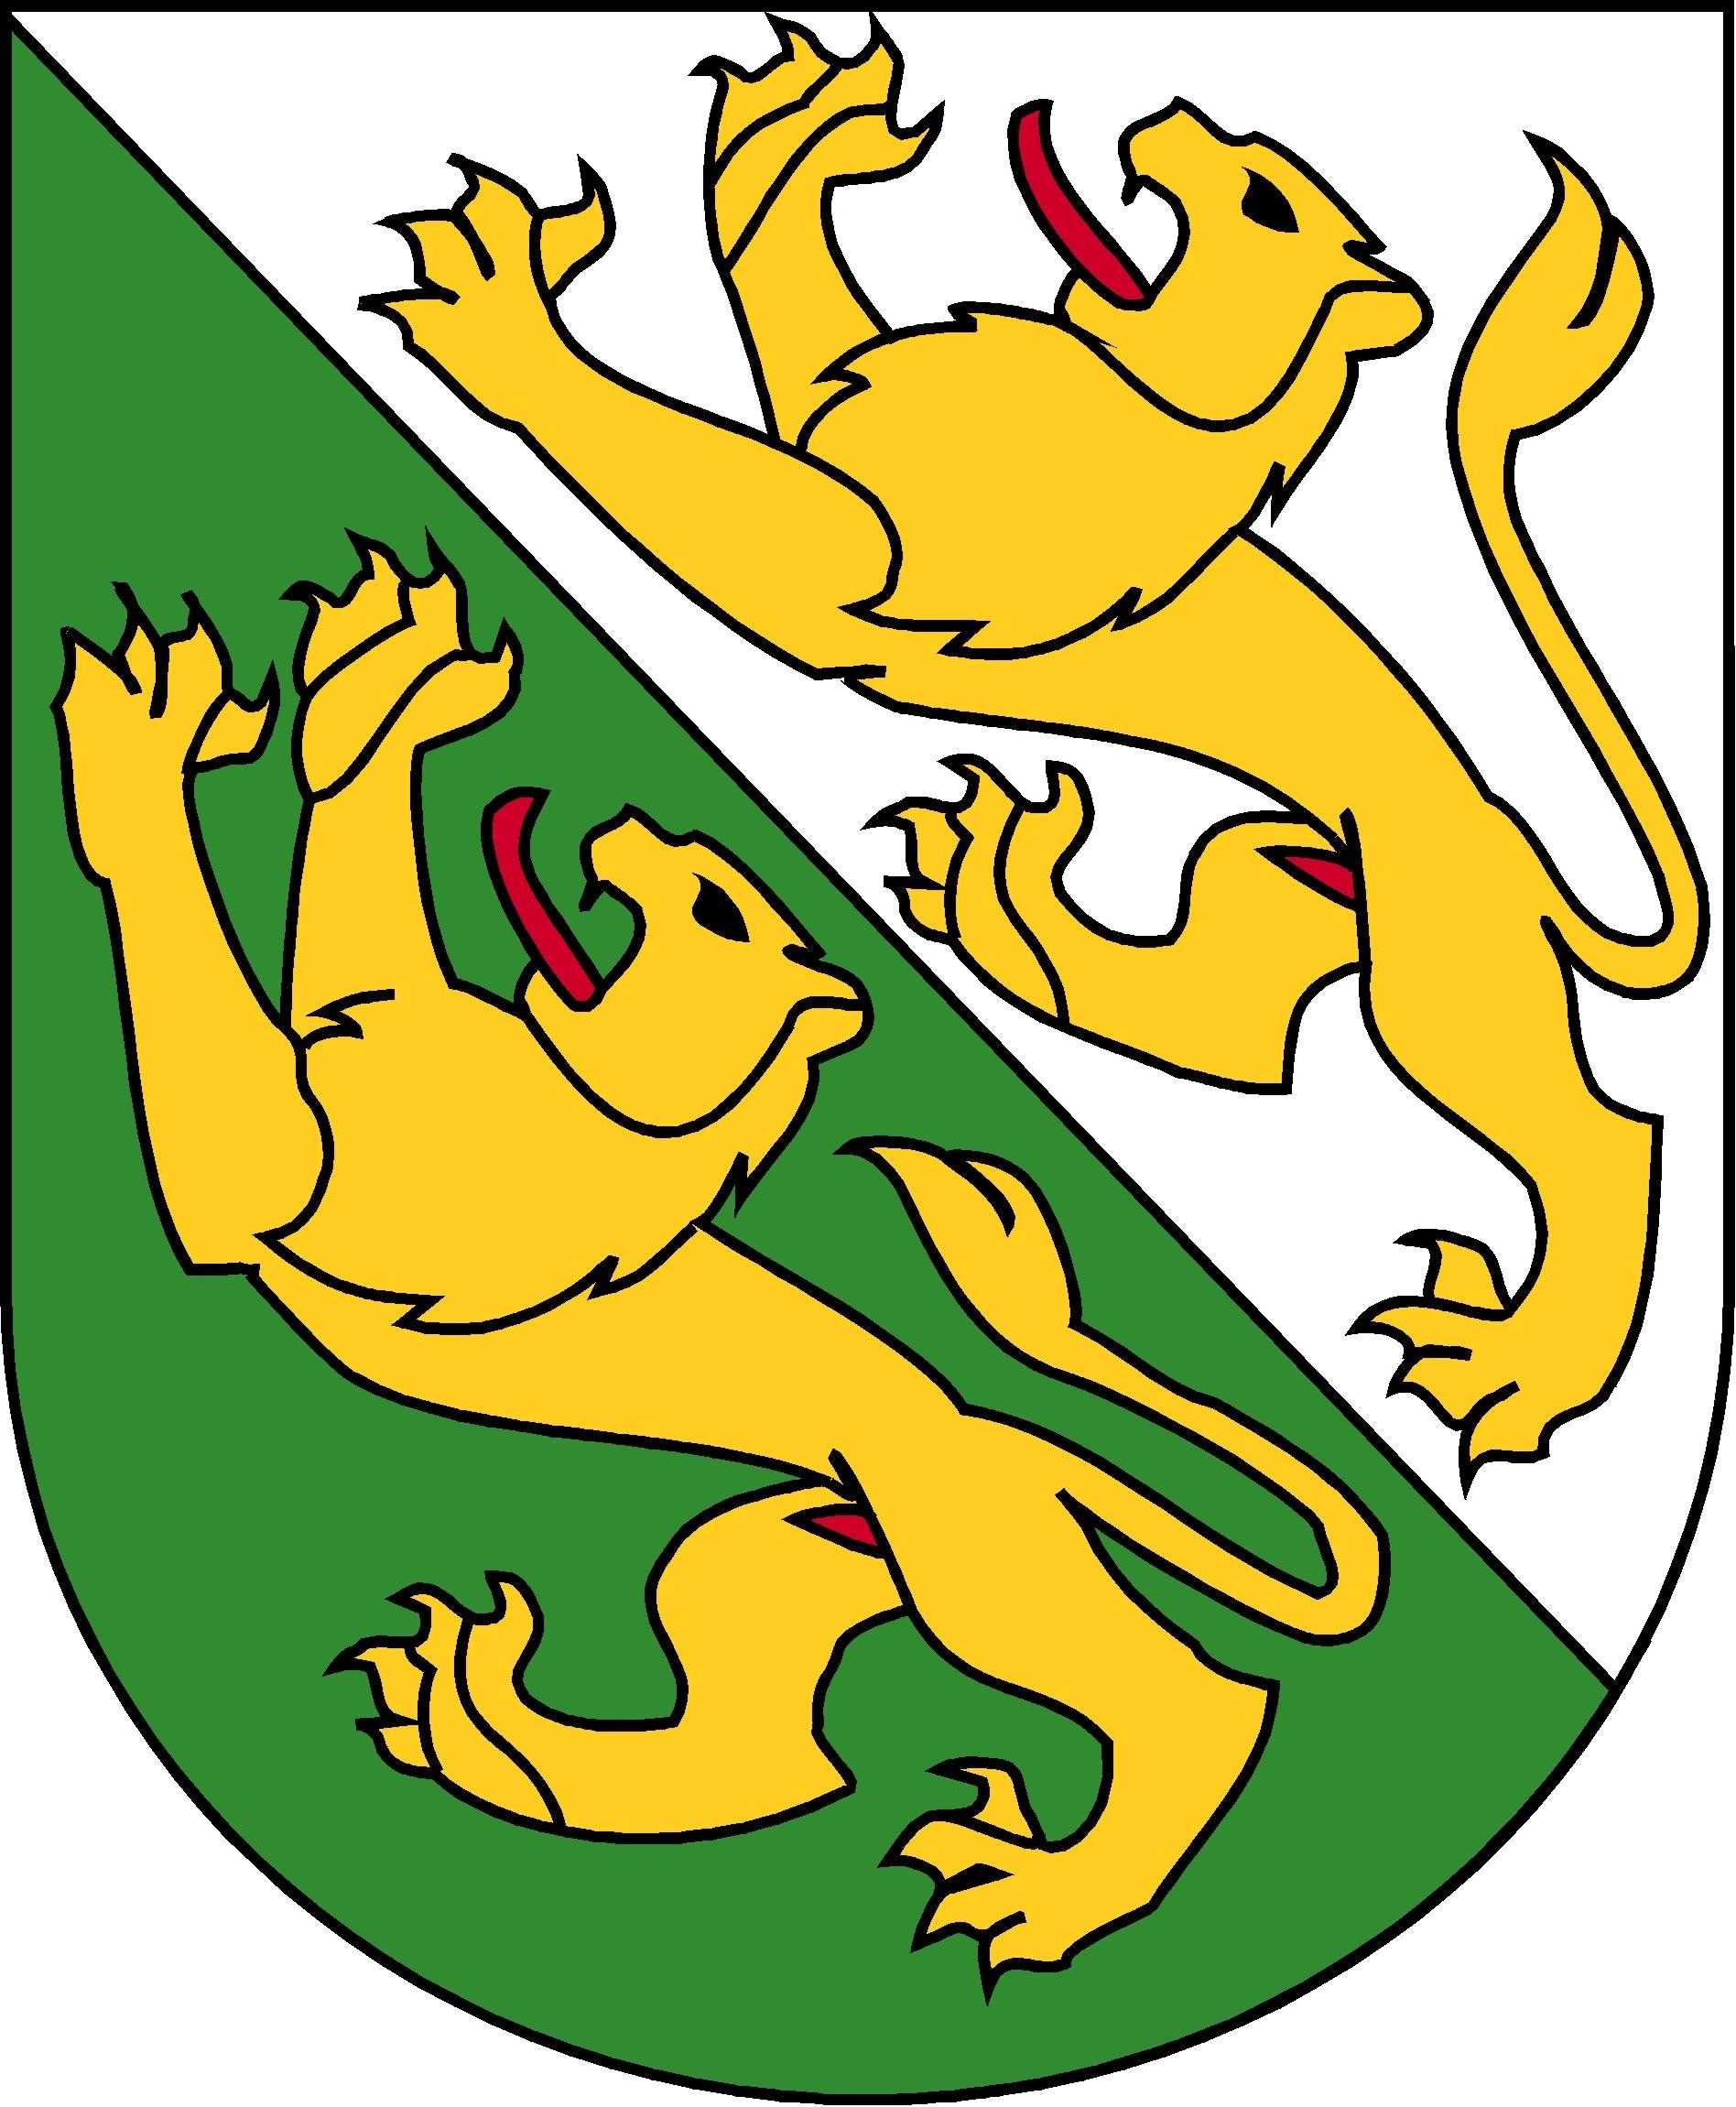 Wappen Thurgau